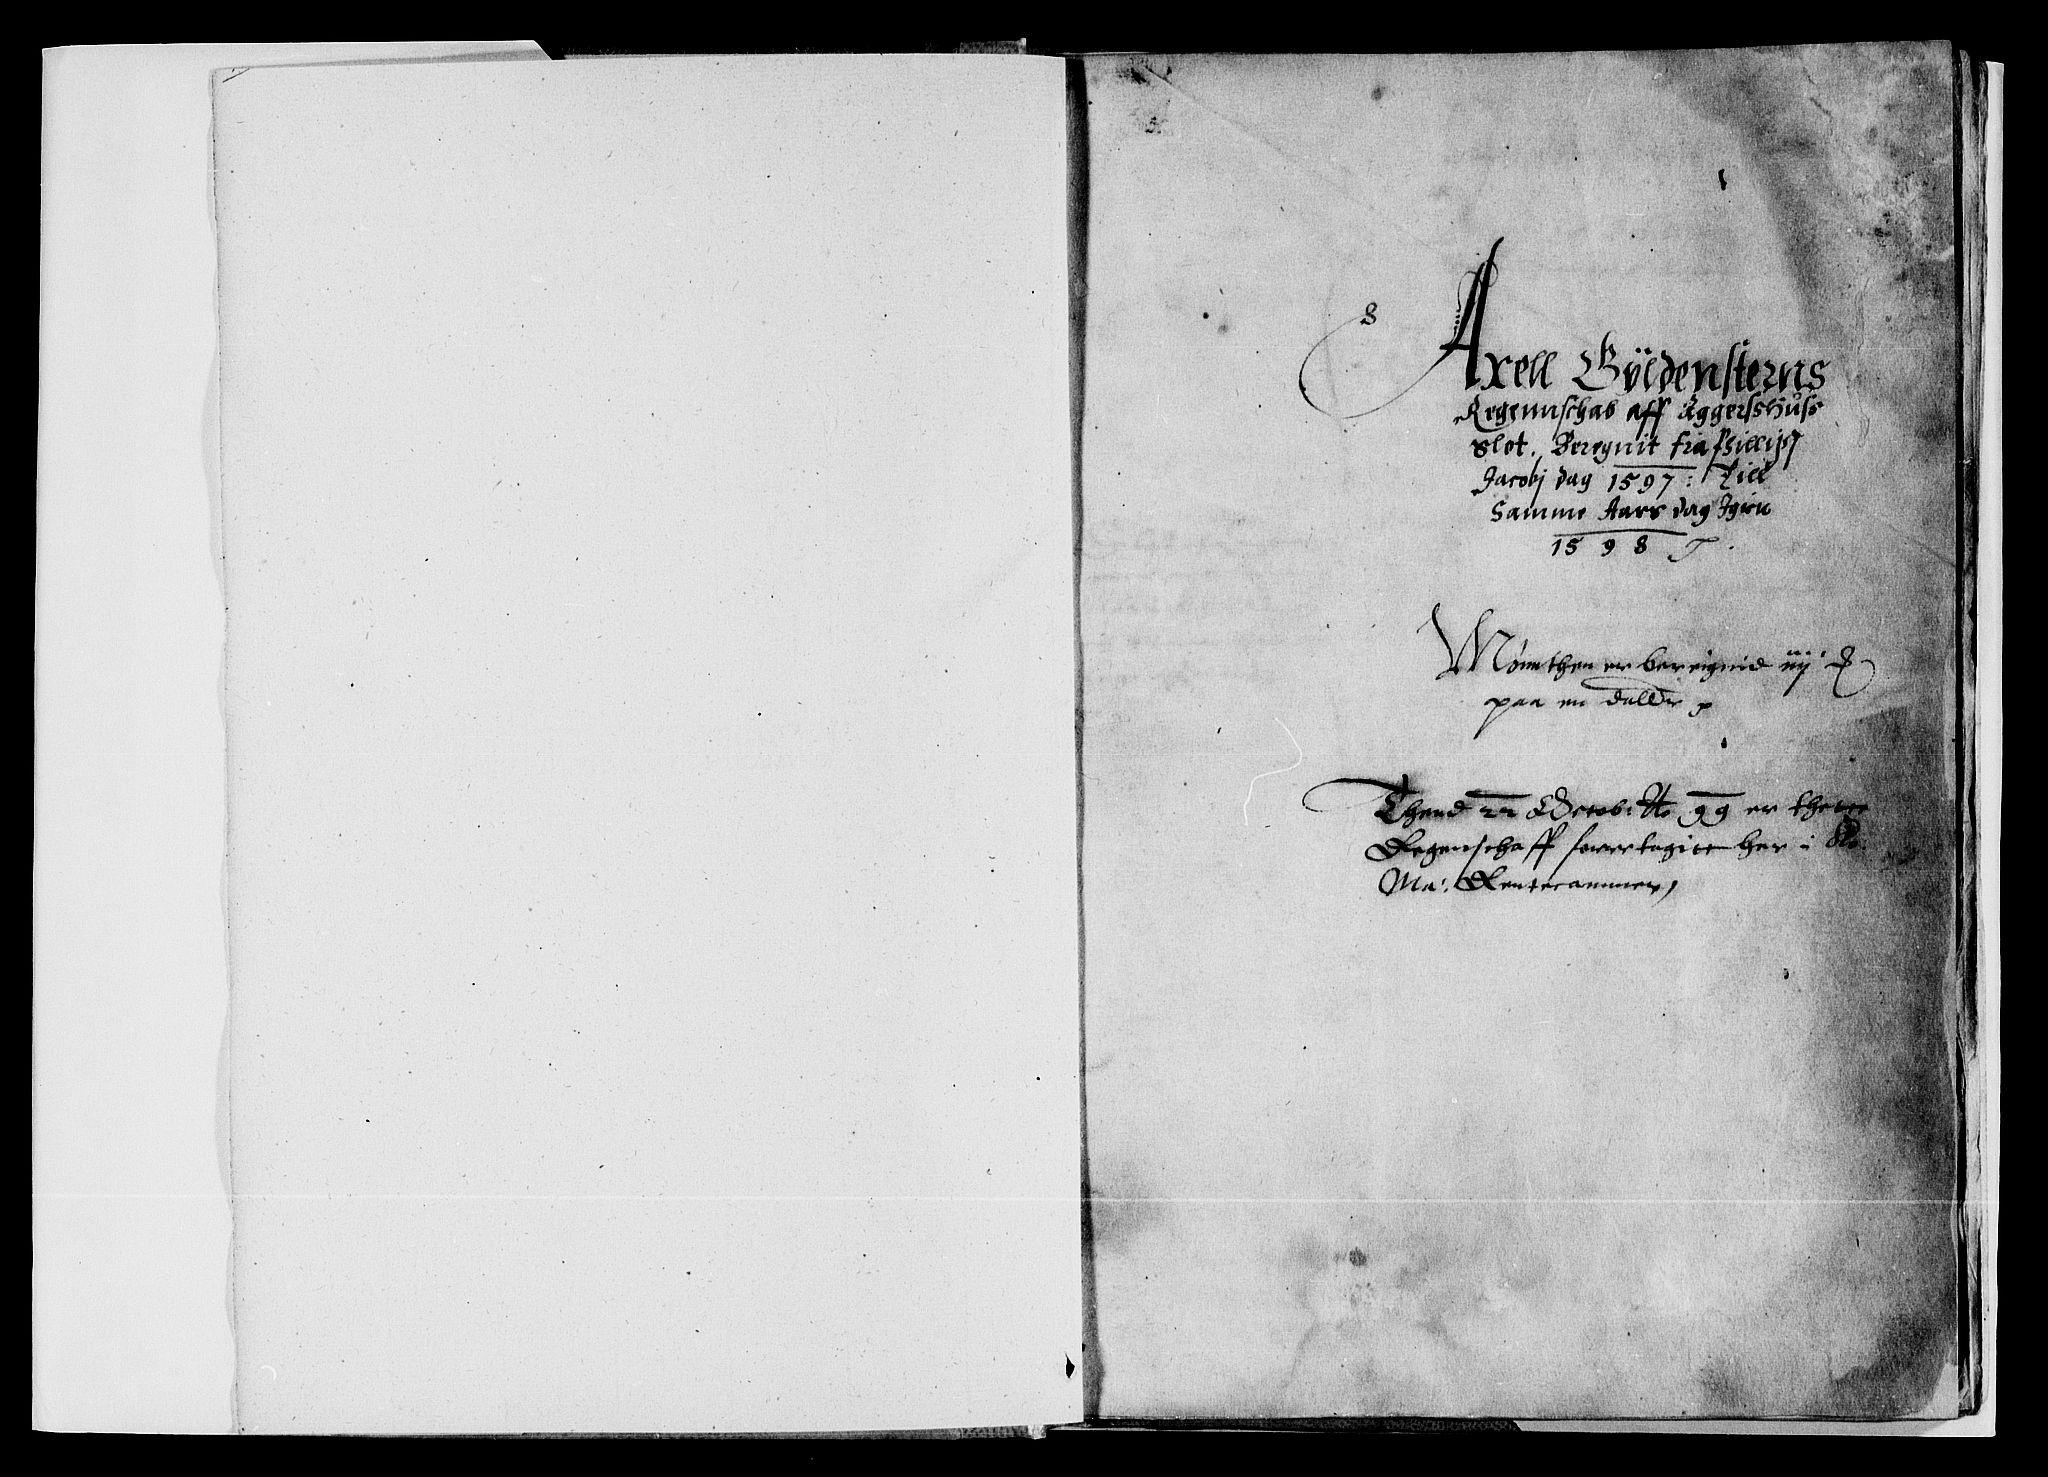 RA, Rentekammeret inntil 1814, Reviderte regnskaper, Lensregnskaper, R/Rb/Rba/L0008: Akershus len, 1597-1598